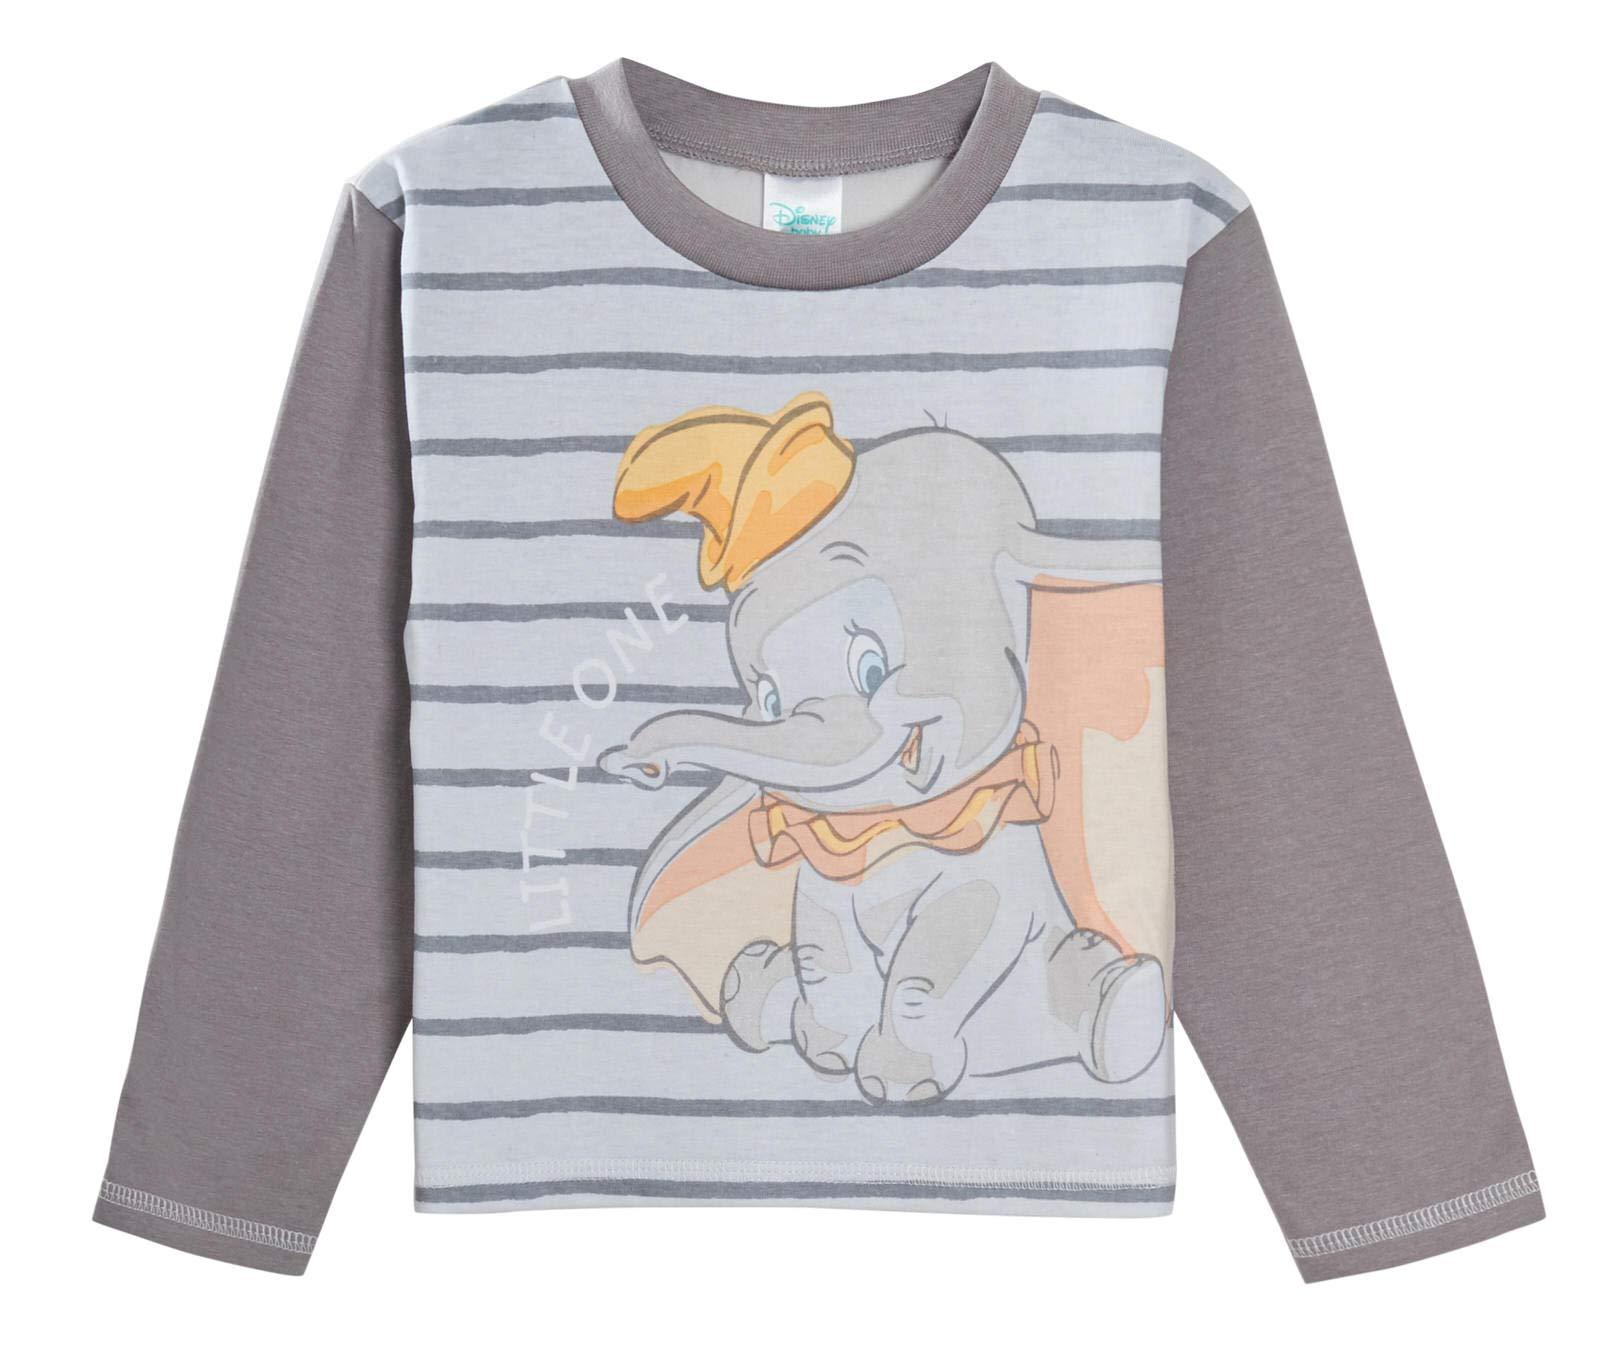 Pijama de Dumbo para bebé, niños y niñas, unisex, juego de pijamas de 2 piezas, de Disney 2